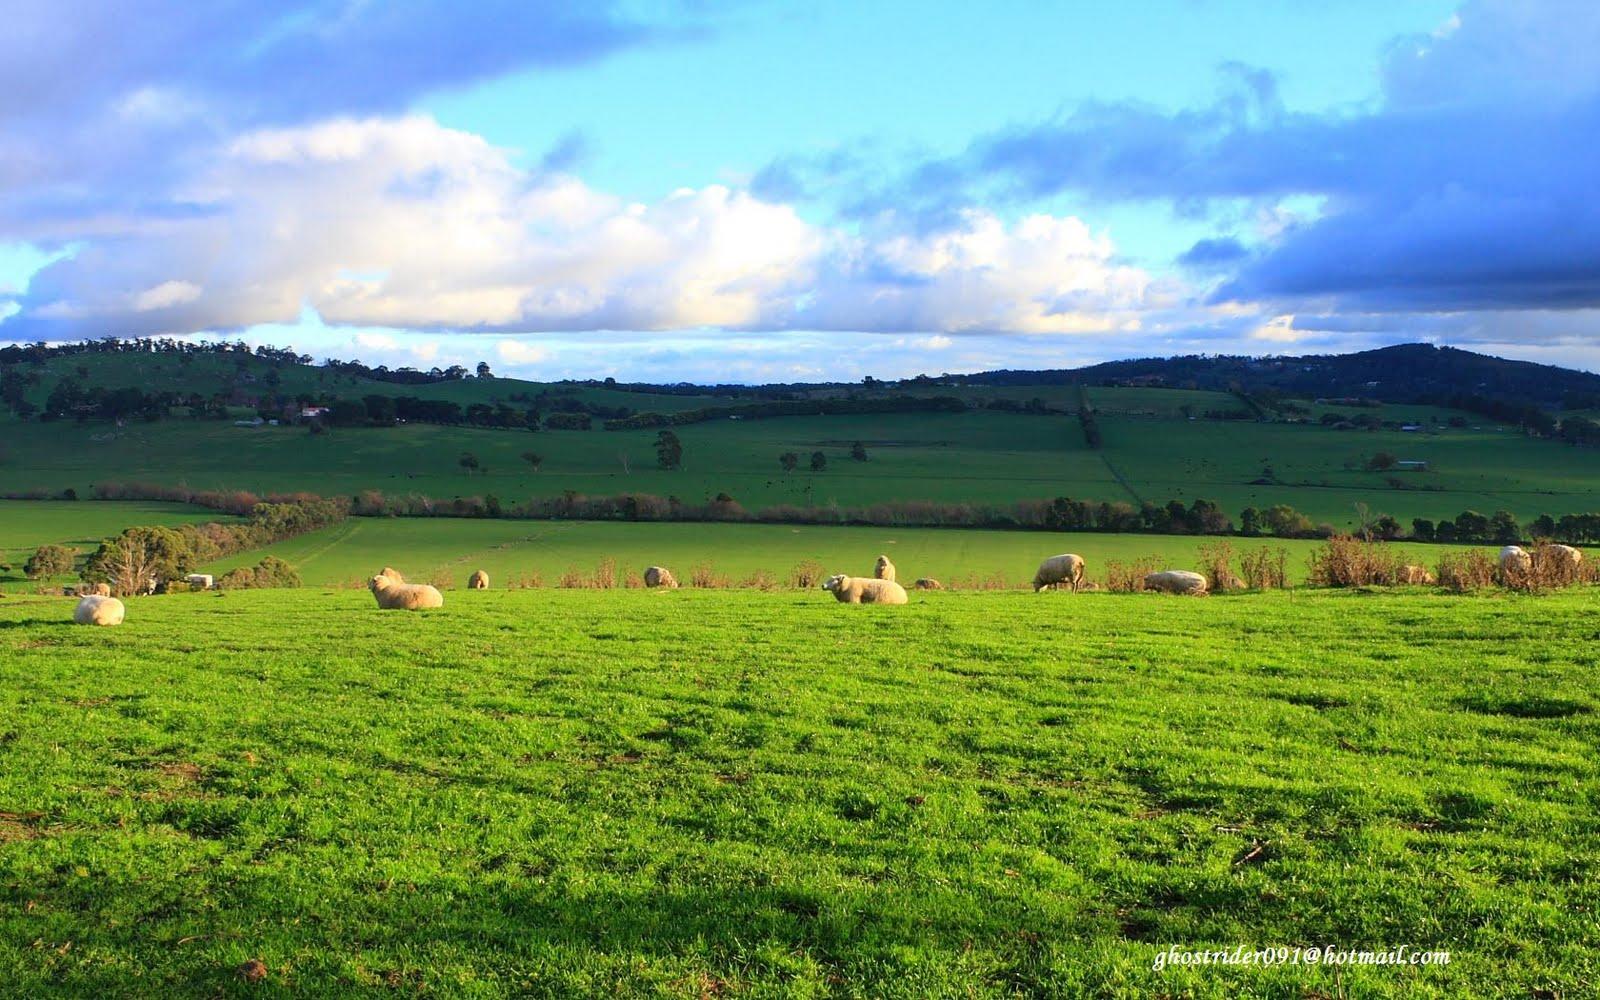 http://1.bp.blogspot.com/-h9jku-ptj68/TnrNa1NtuHI/AAAAAAAAAhg/tCGeAbRck4g/s1600/sheep-wallpaper-38-726378.jpg